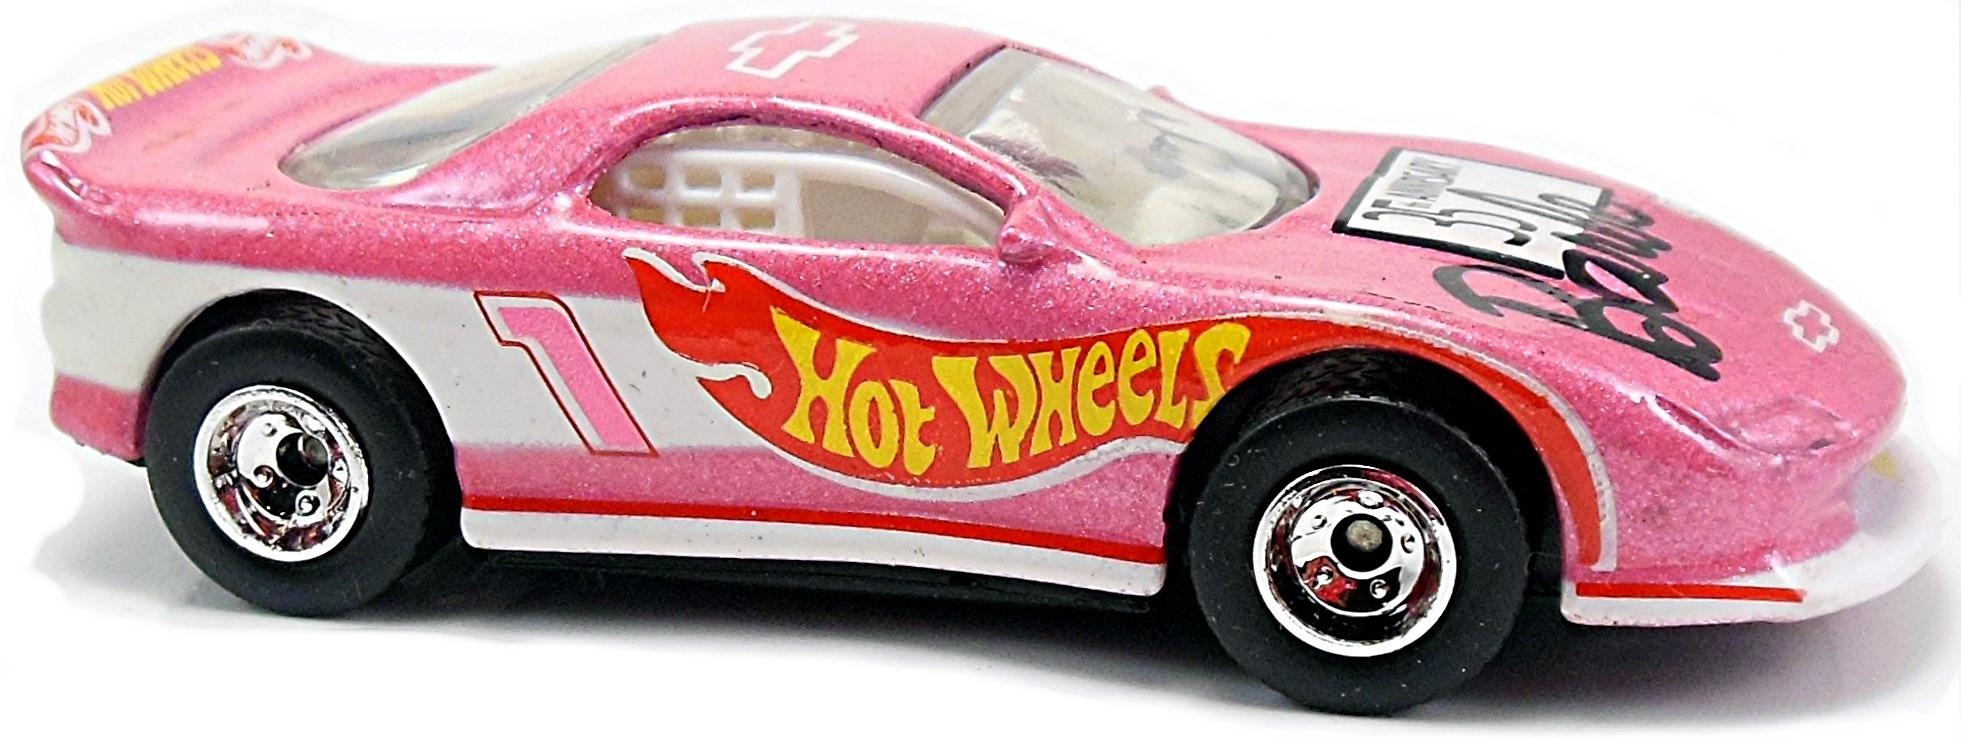 HOT WHEELS /'93 1993 CAMARO RACE CAR COLLECTION